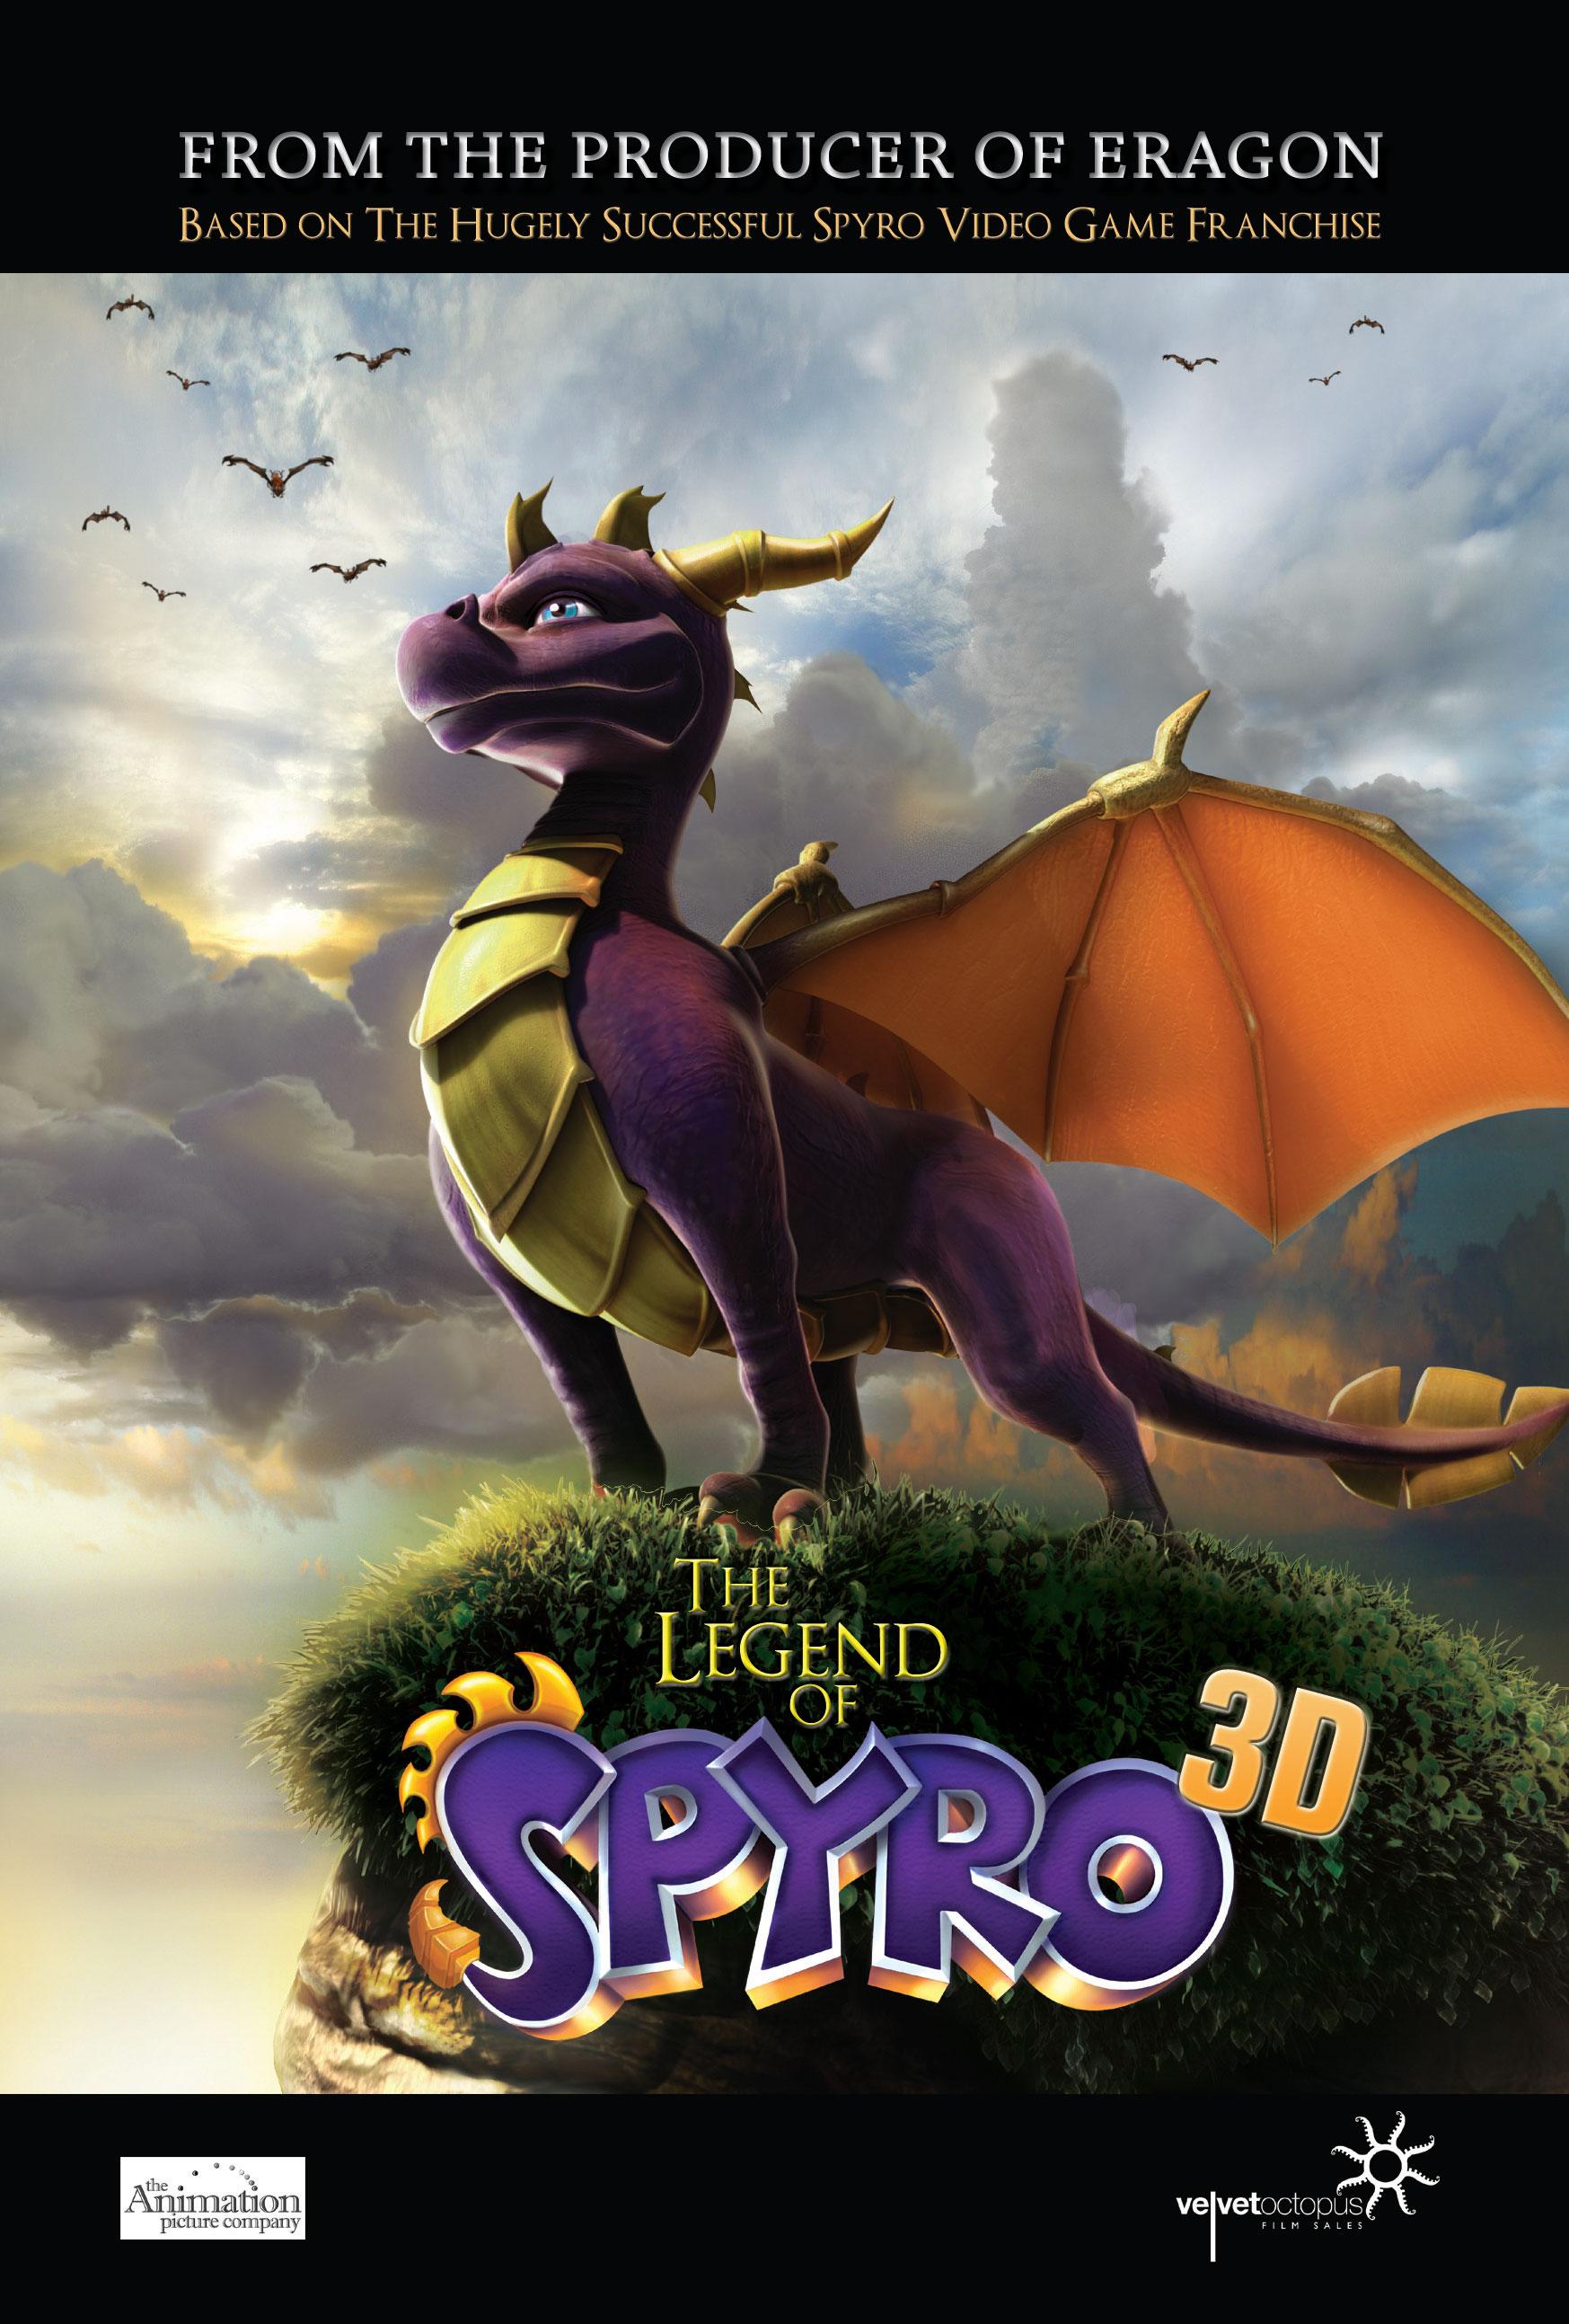 The Legend of Spyro 3D